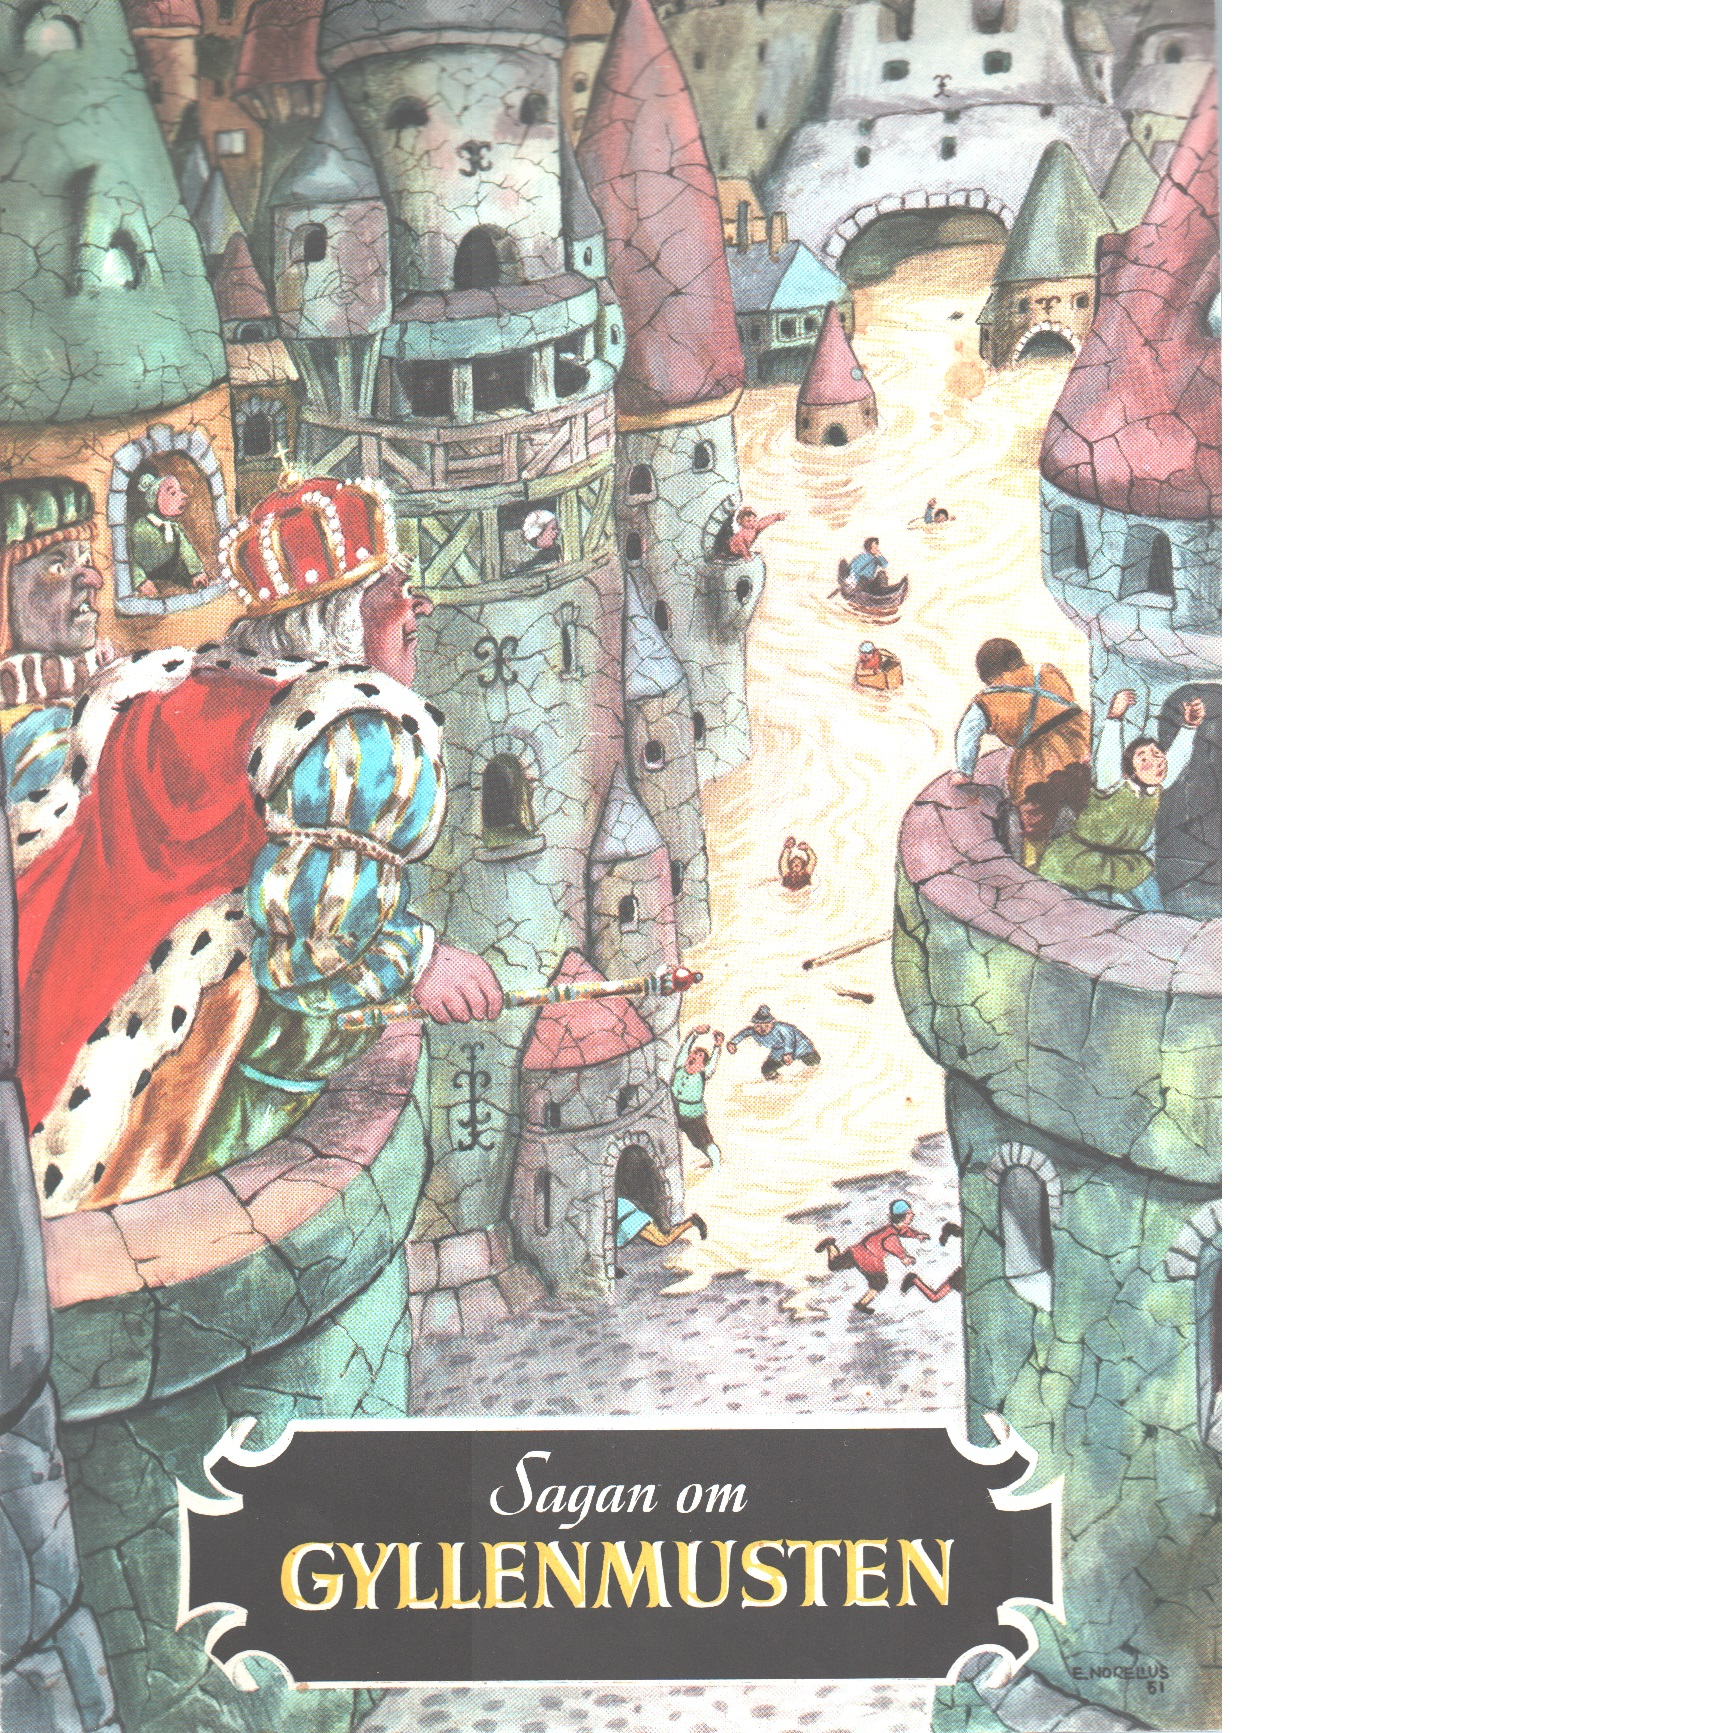 Sagan om gyllenmusten - Norelius, Einar